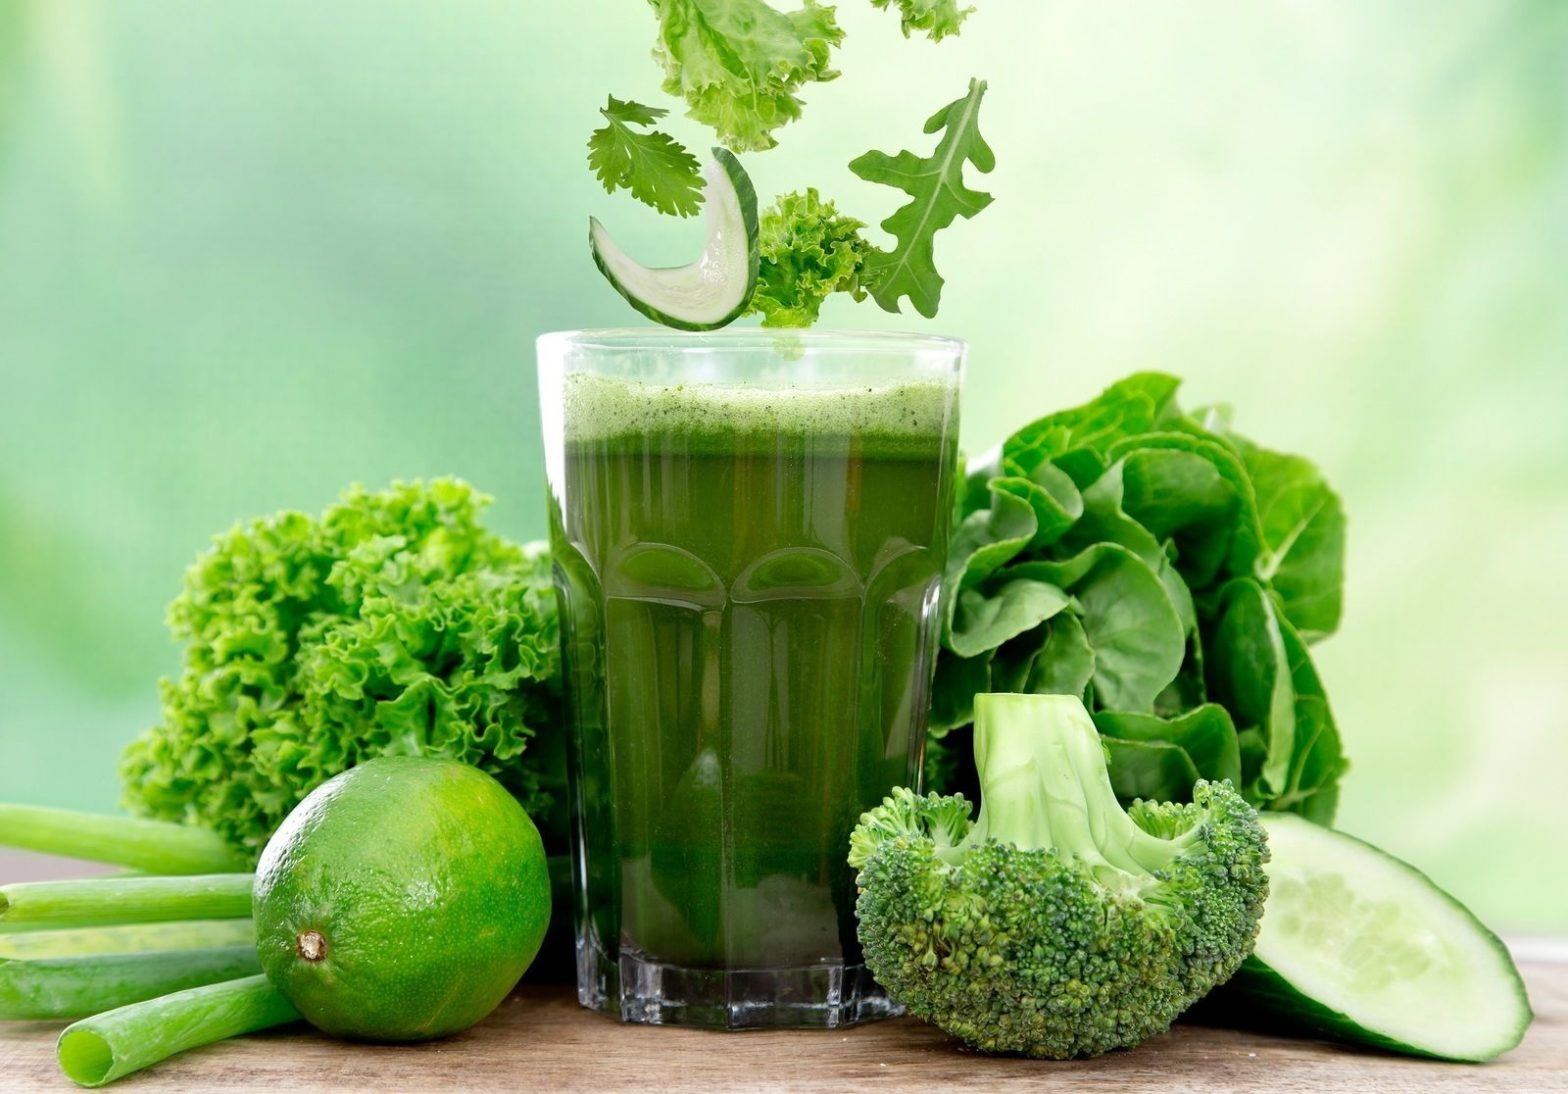 jus brokoli untuk diet